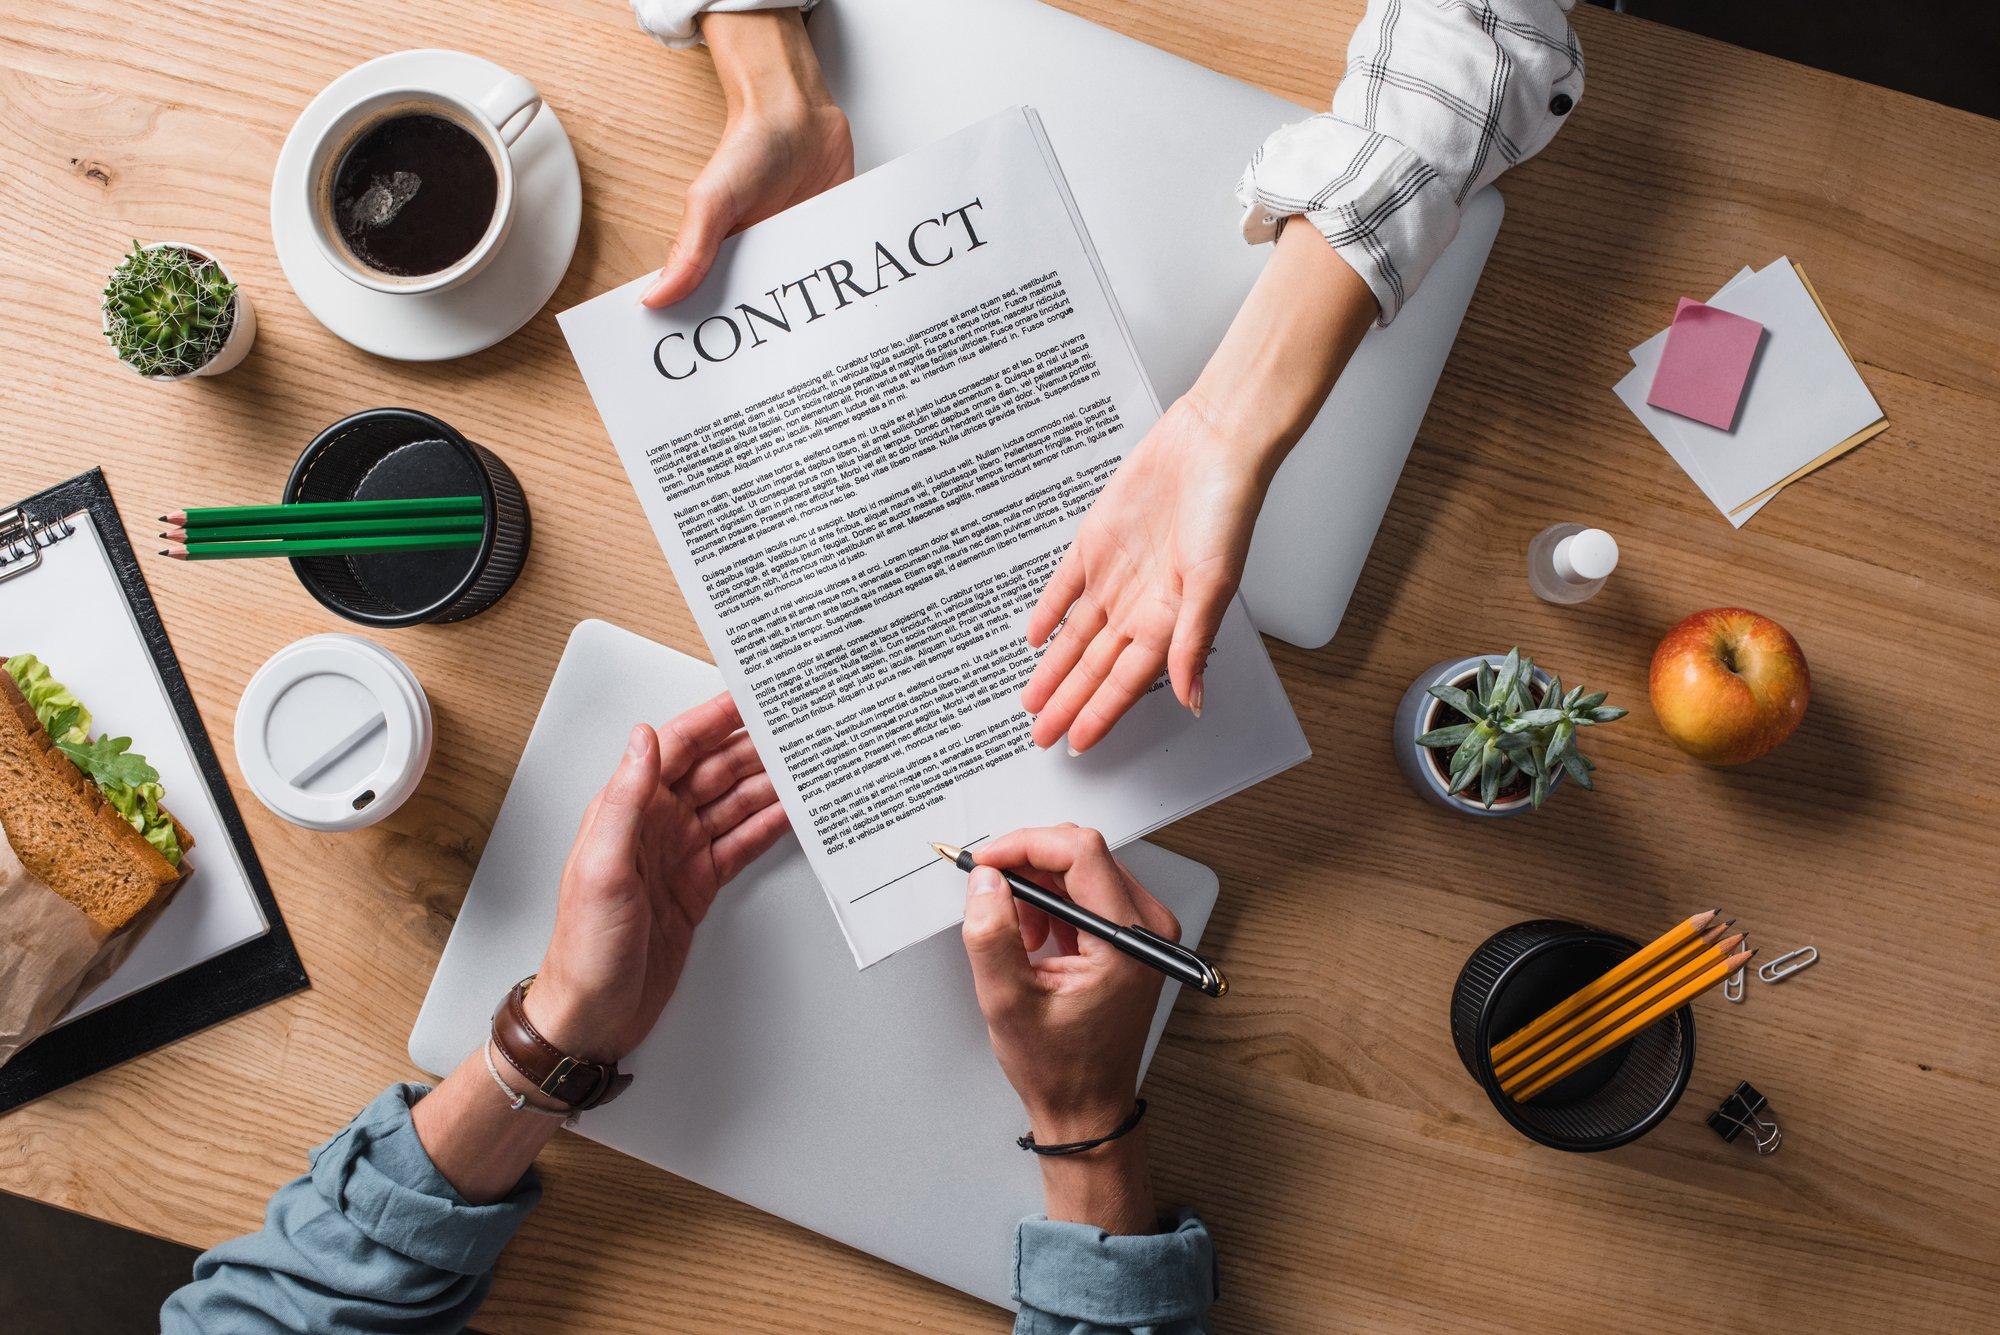 S'orienter dans un contrat : comment s'y prendre quand on n'est pas juriste ?